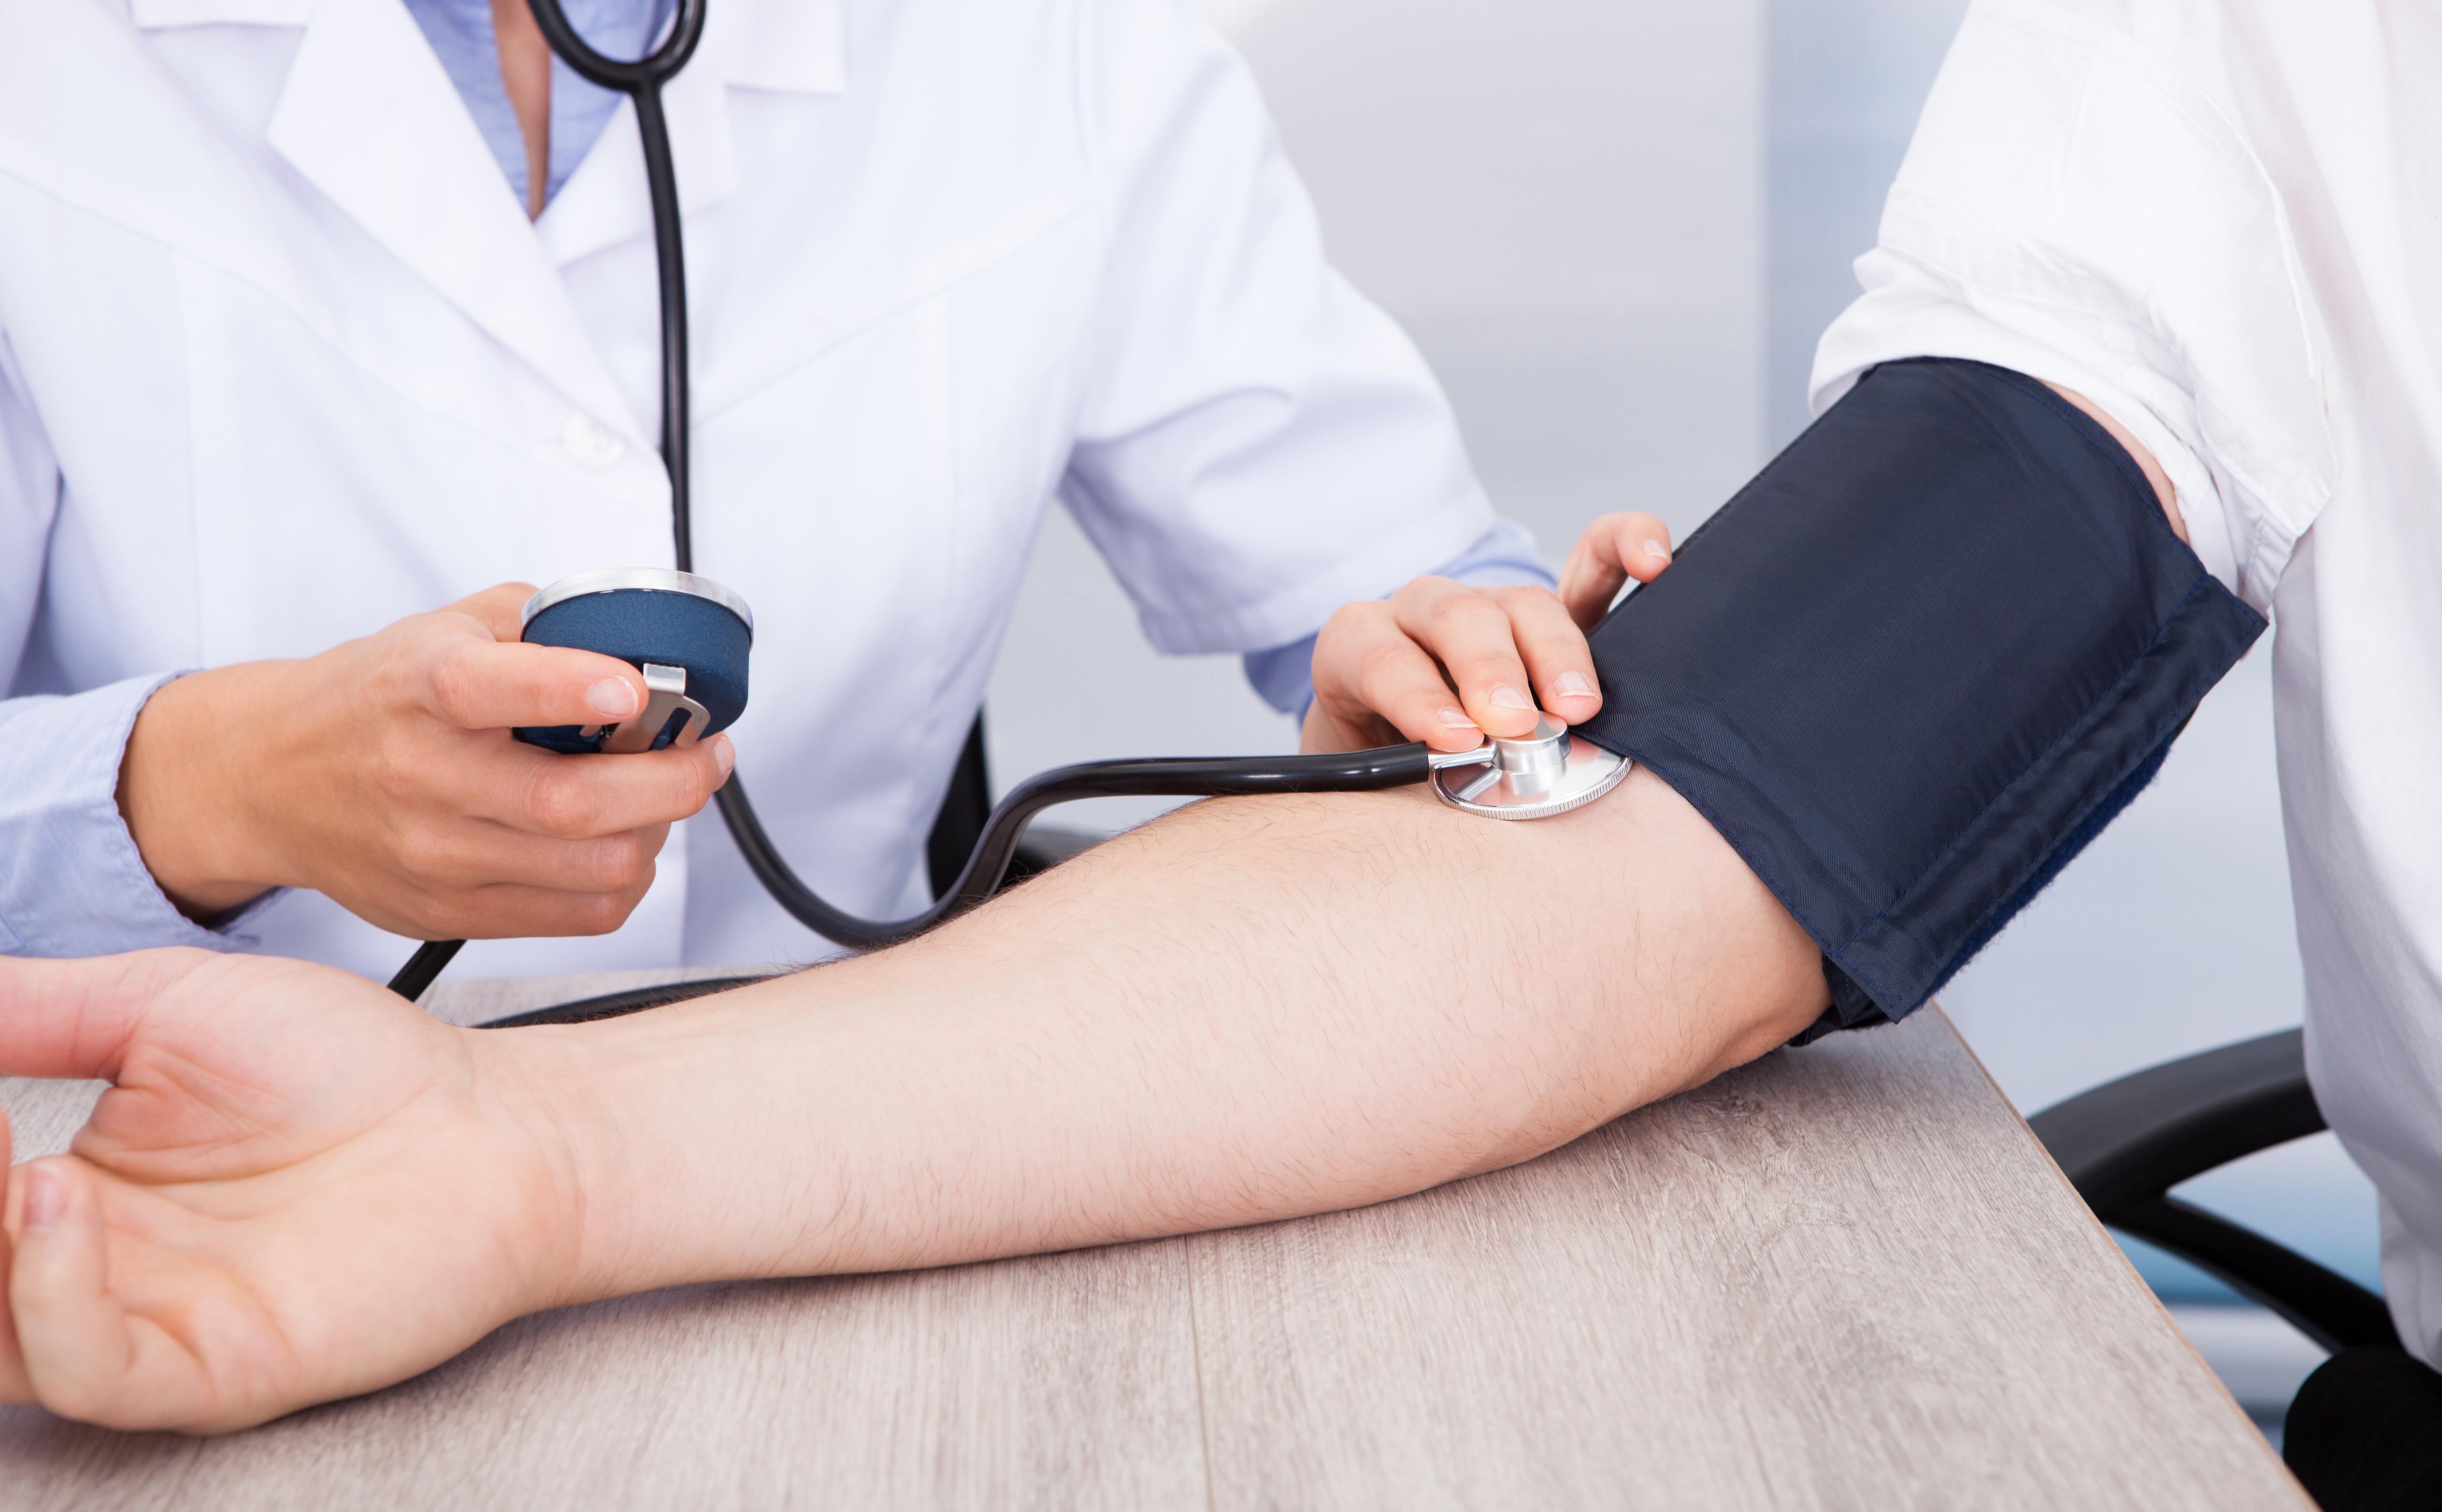 nazonex magas vérnyomás esetén befolyásolja-e az időjárás a magas vérnyomást